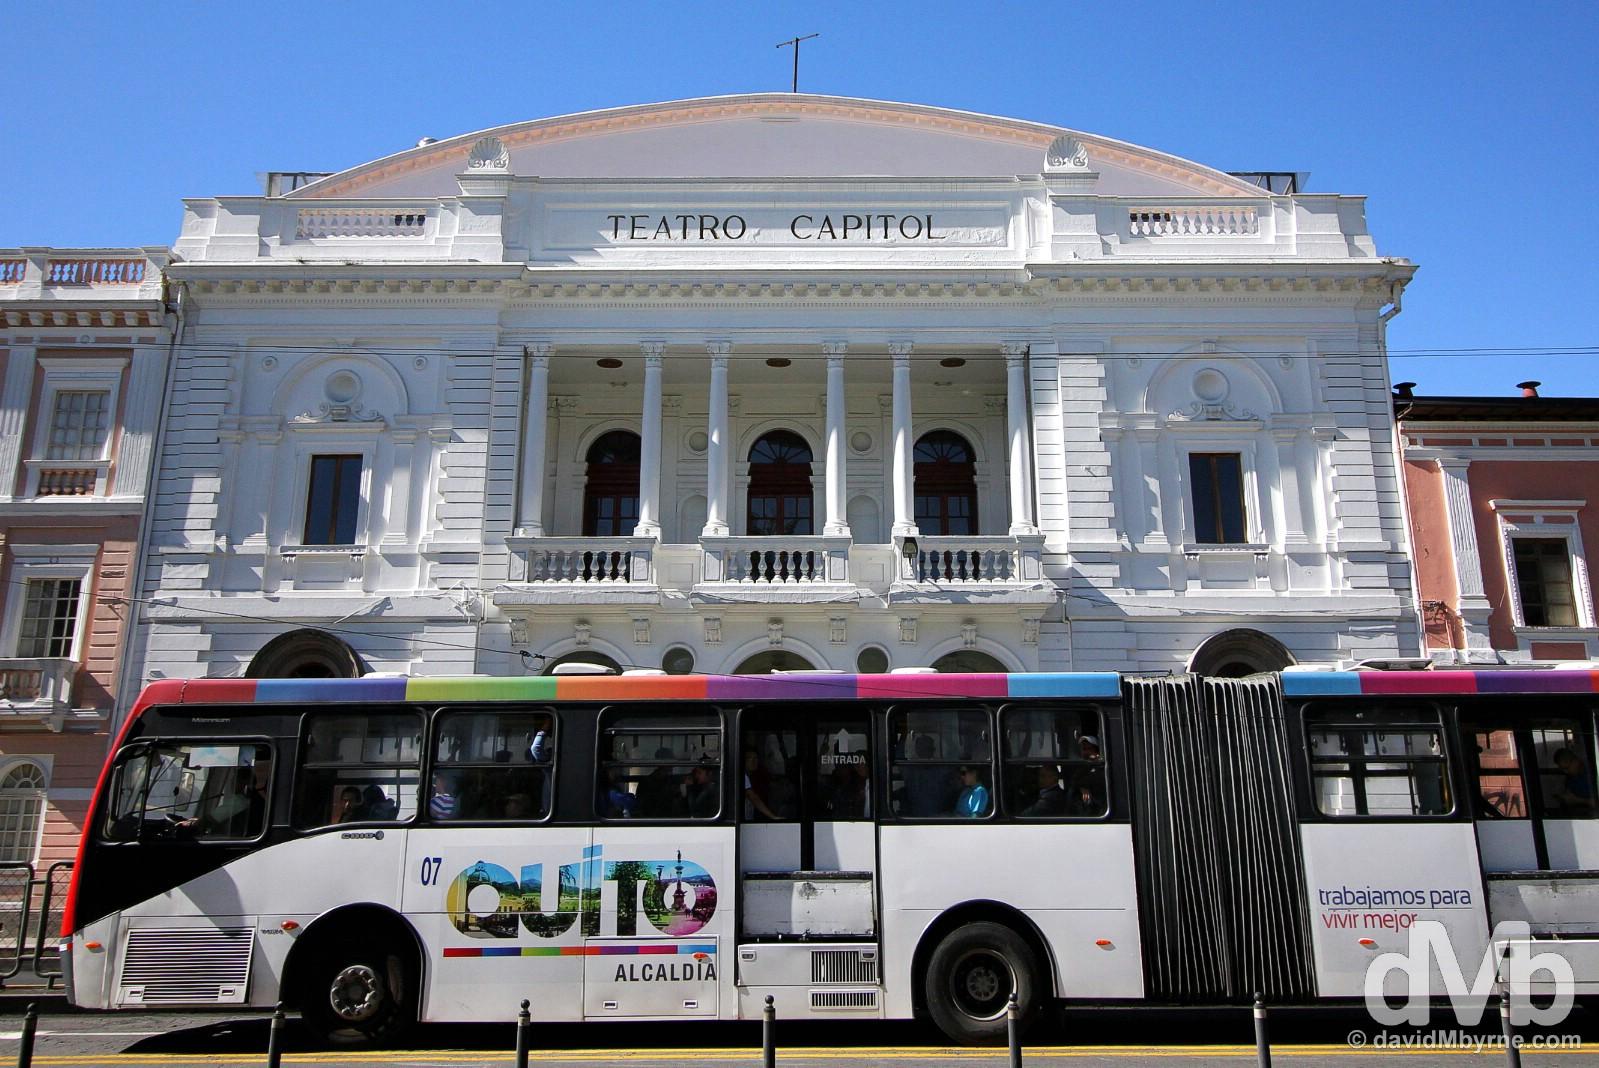 Teatro Capital, Avenida Gran Colombia, Quito Ecuador. July 3, 2105.